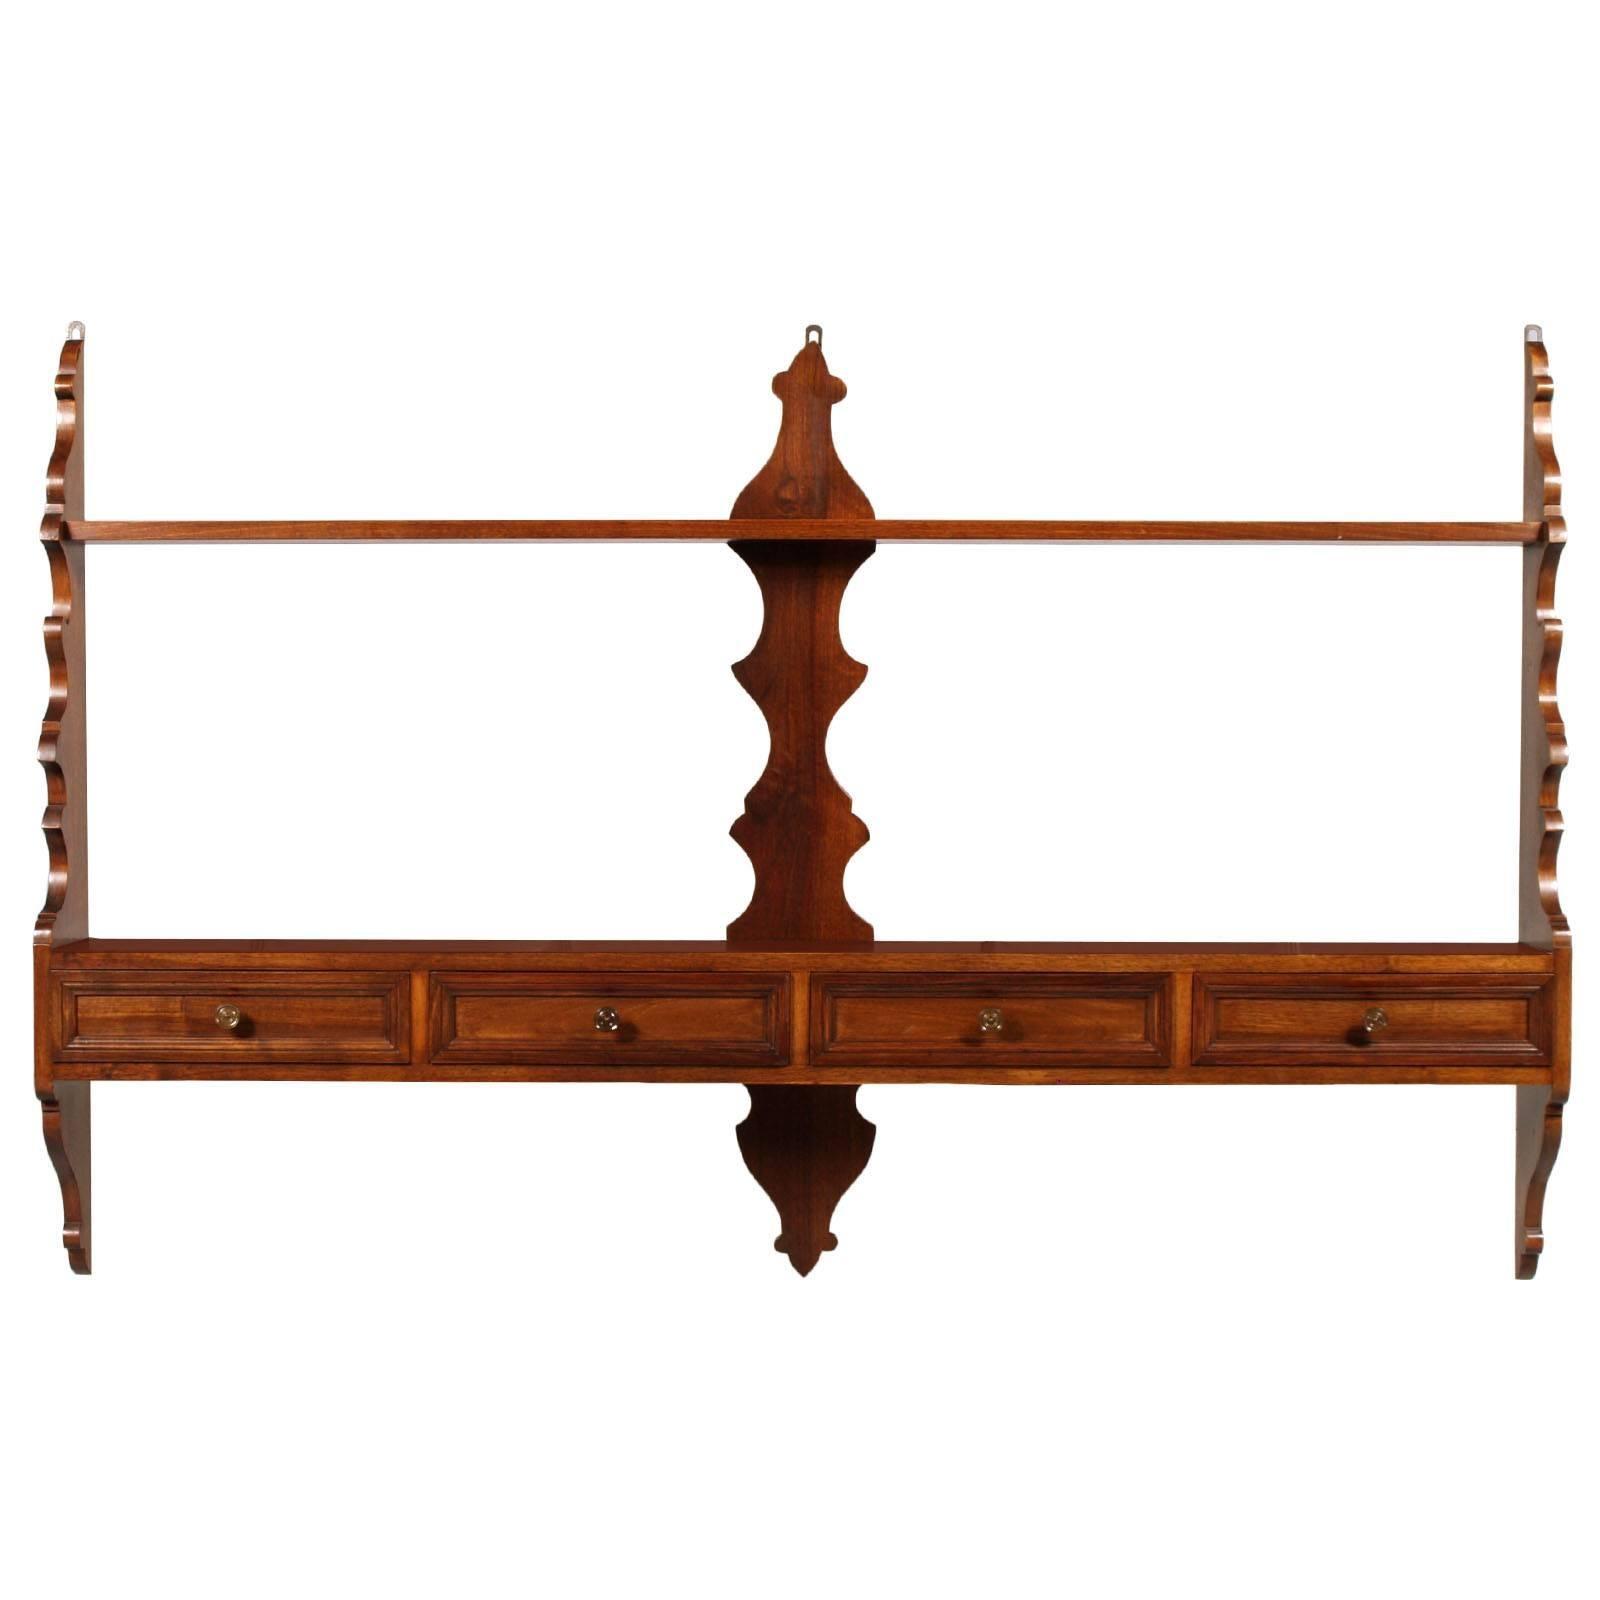 Italian Plates & Pots Rack, Kitchen Shelf, solid Walnut, Dresser 4 Drawers